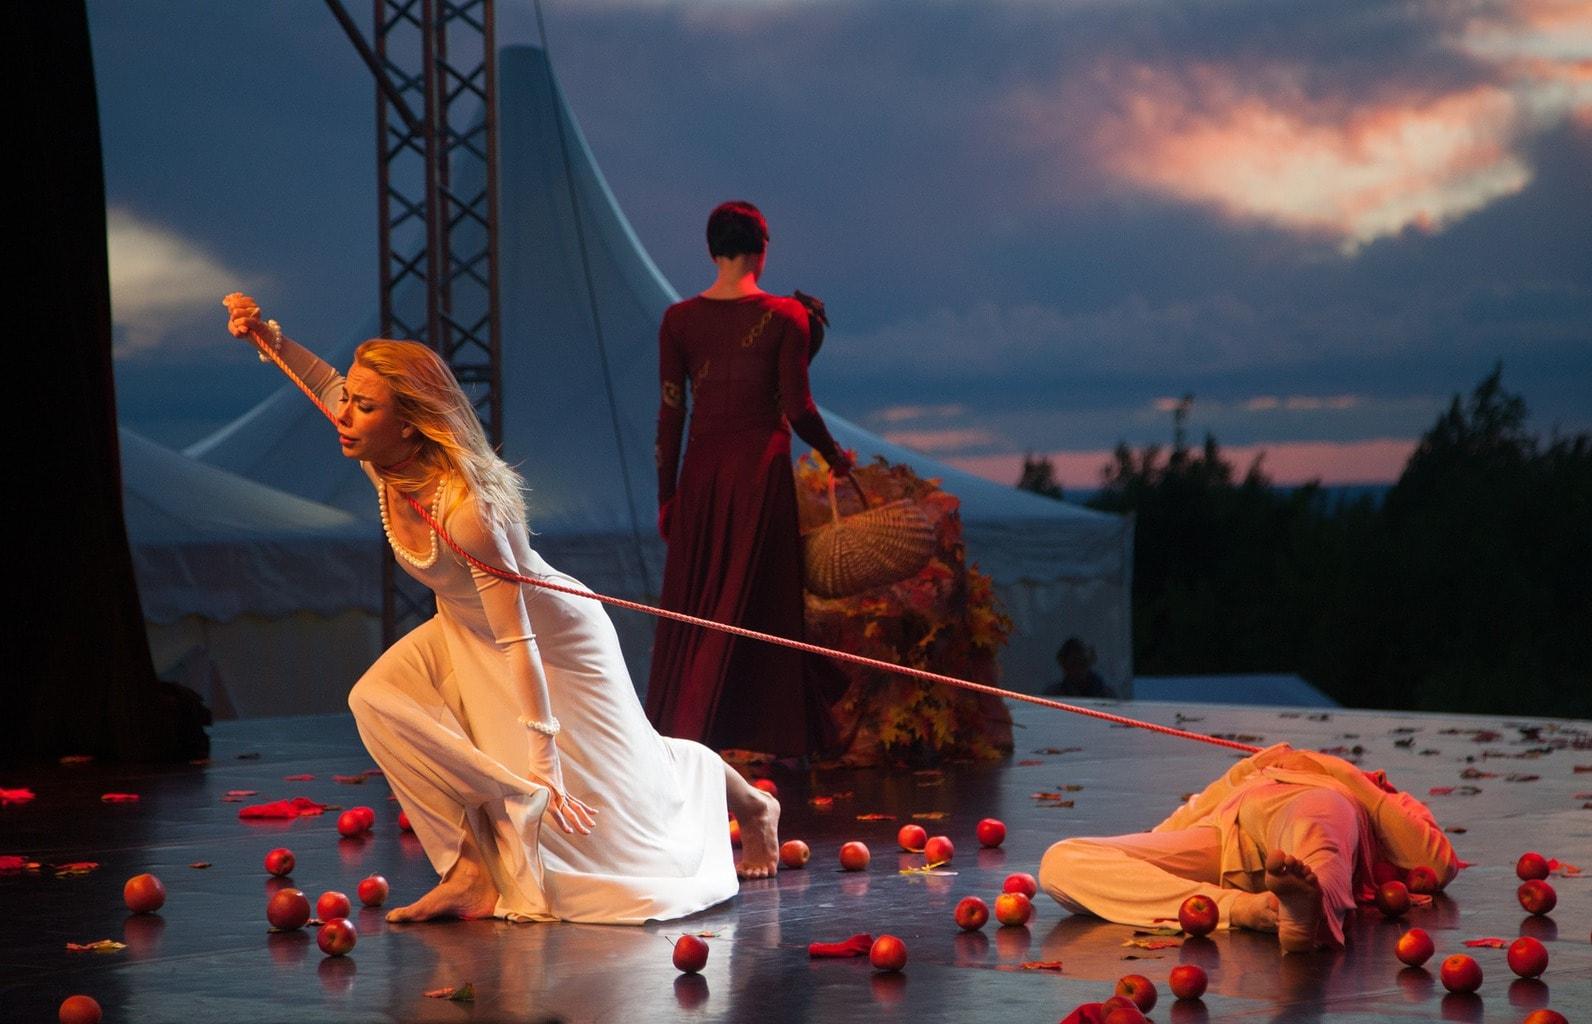 fotografía de un ballet